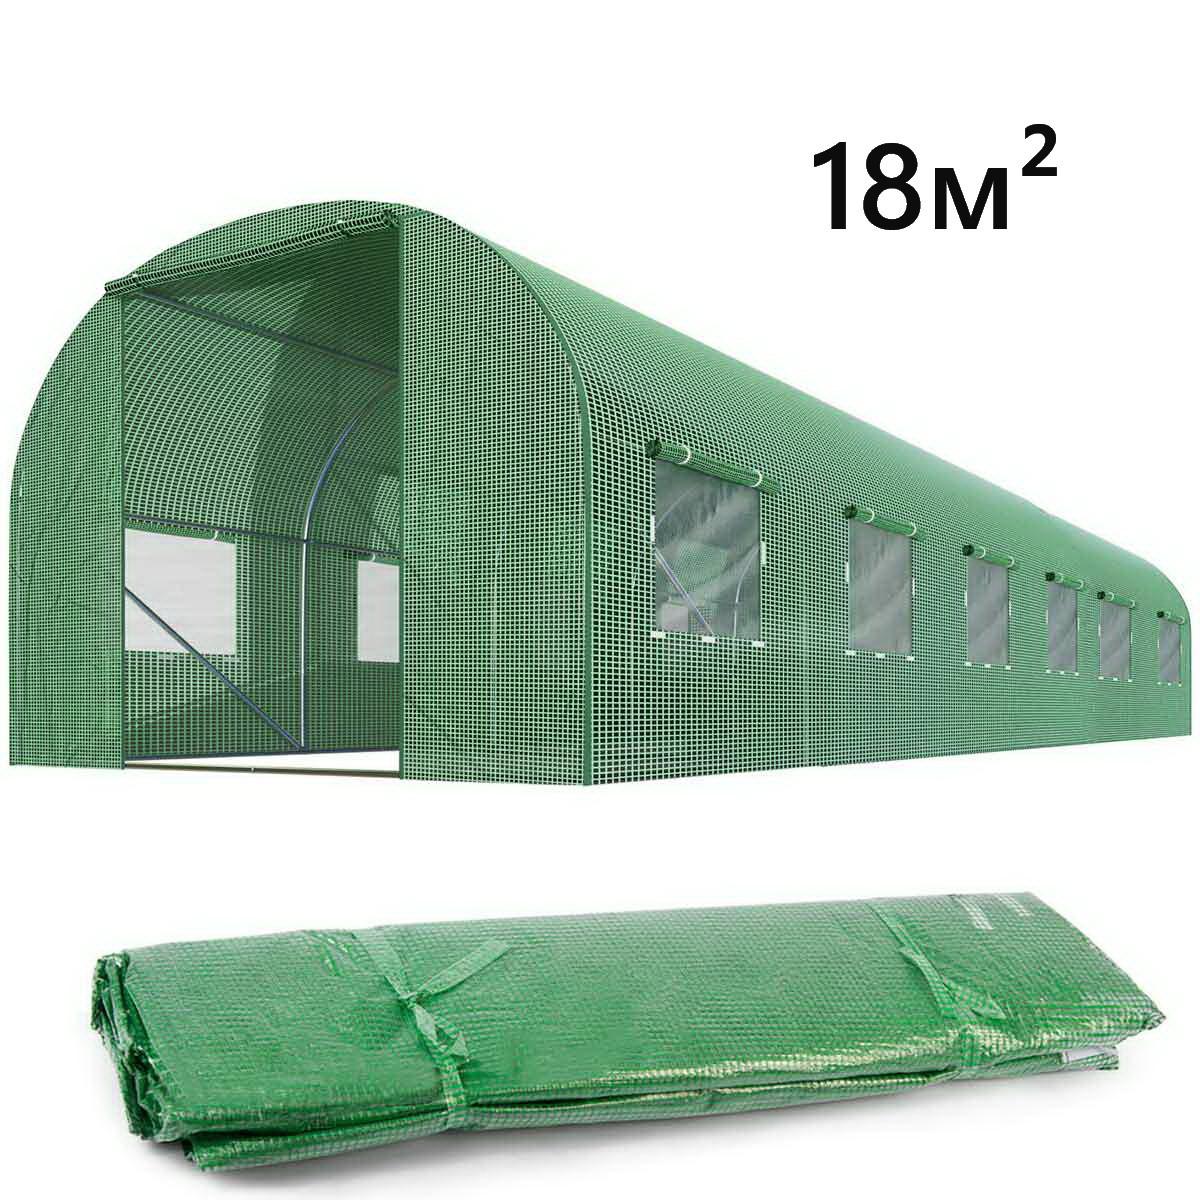 Пленка для теплицы Homart 6x3m 18m2 (9412)